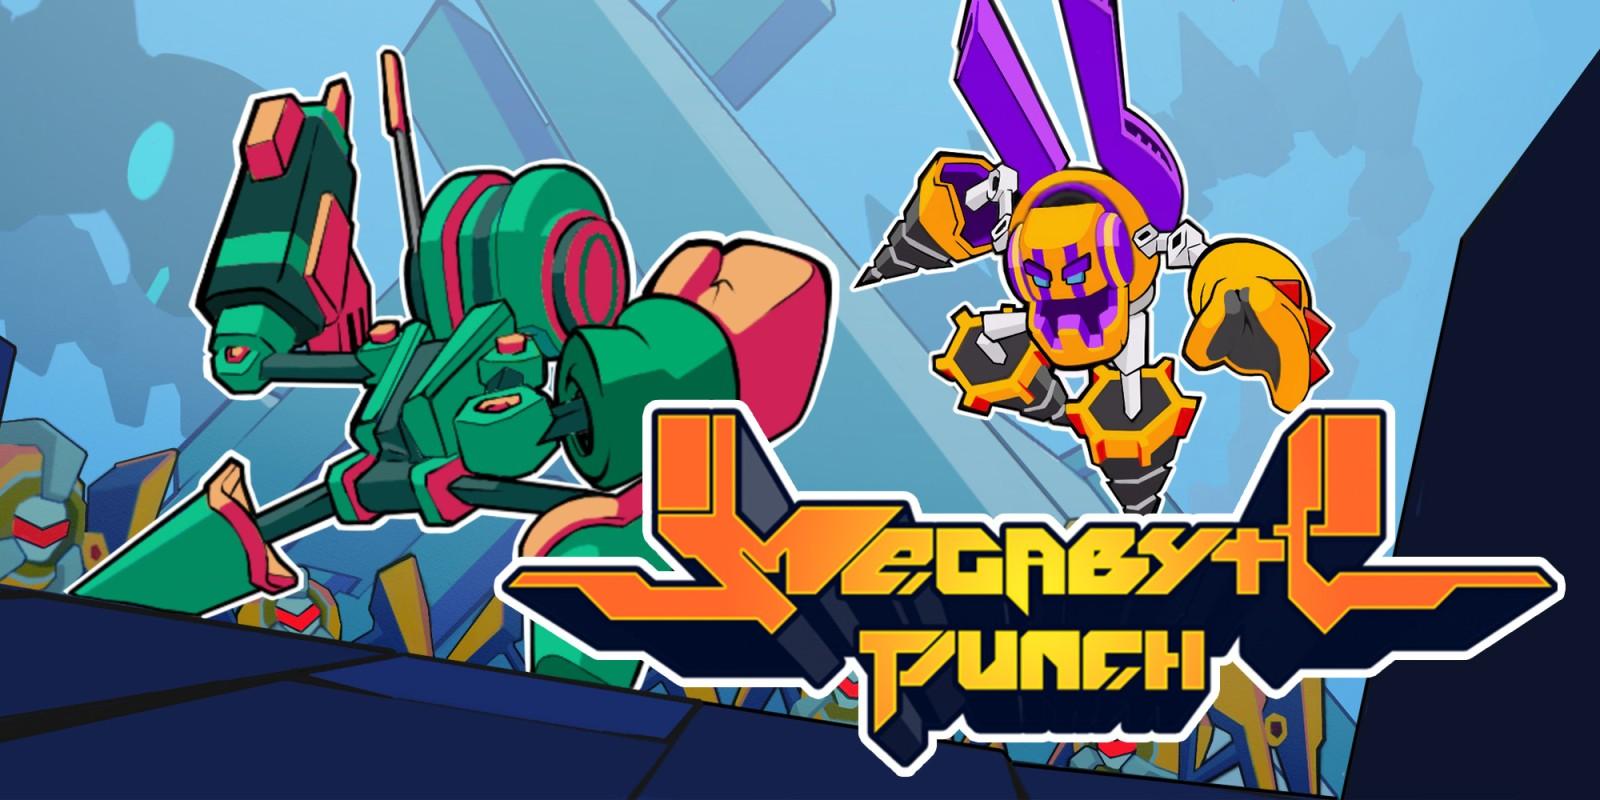 L'équipe derrière Lethal League ressort Megabyte Punch sur Switch en Mai